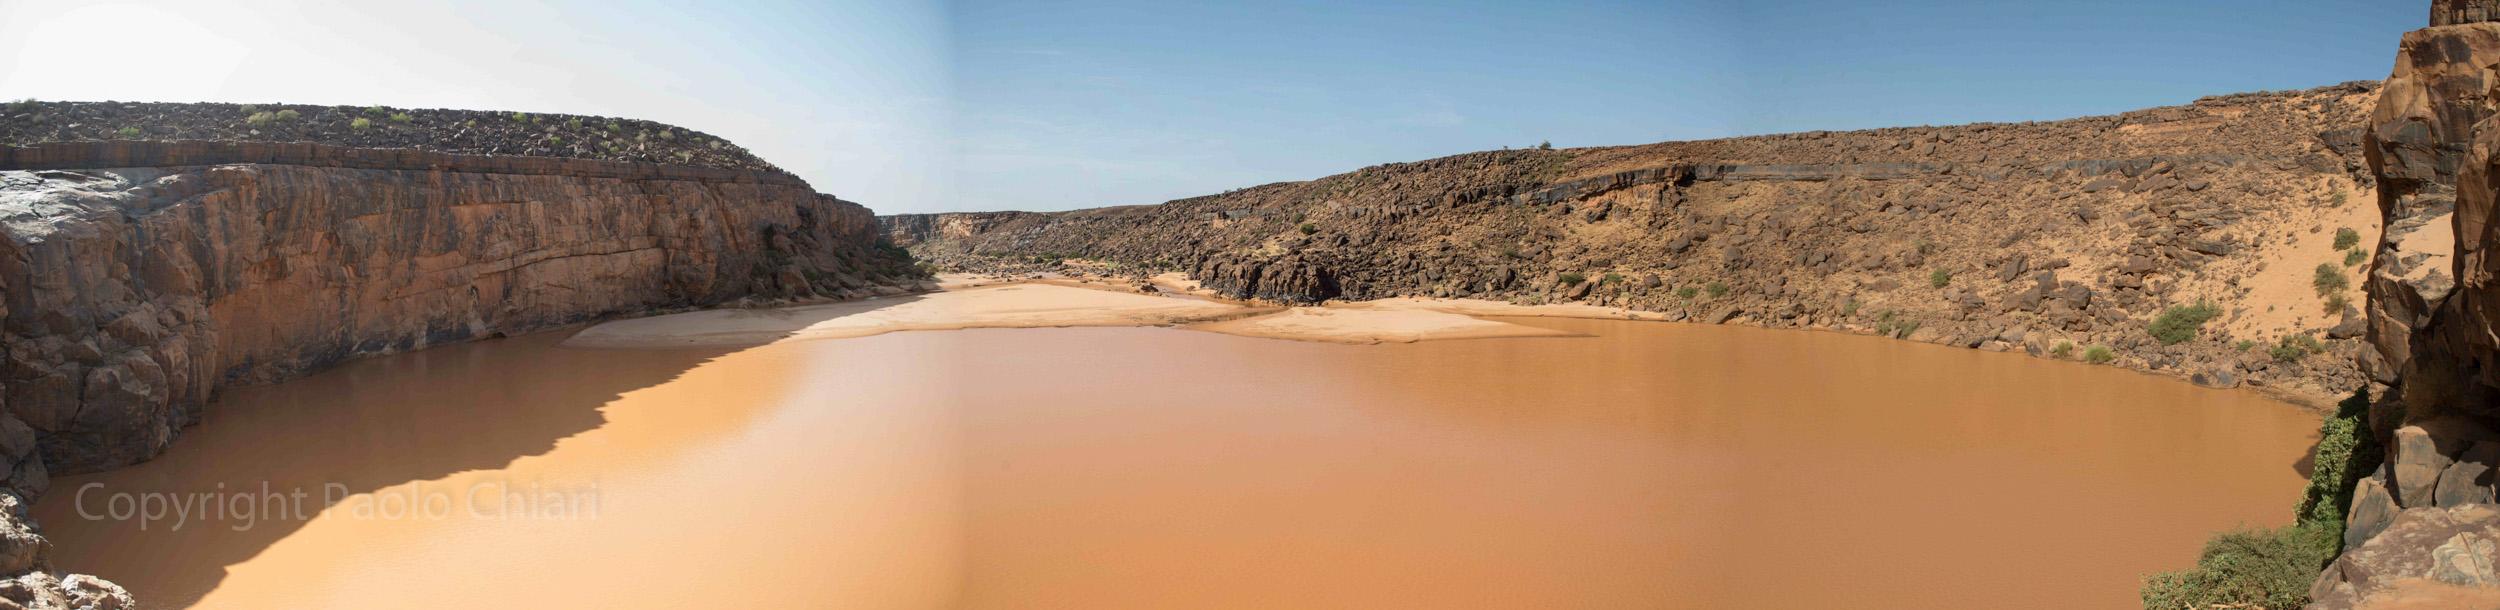 La guelta dei coccodrilli in Mauritania